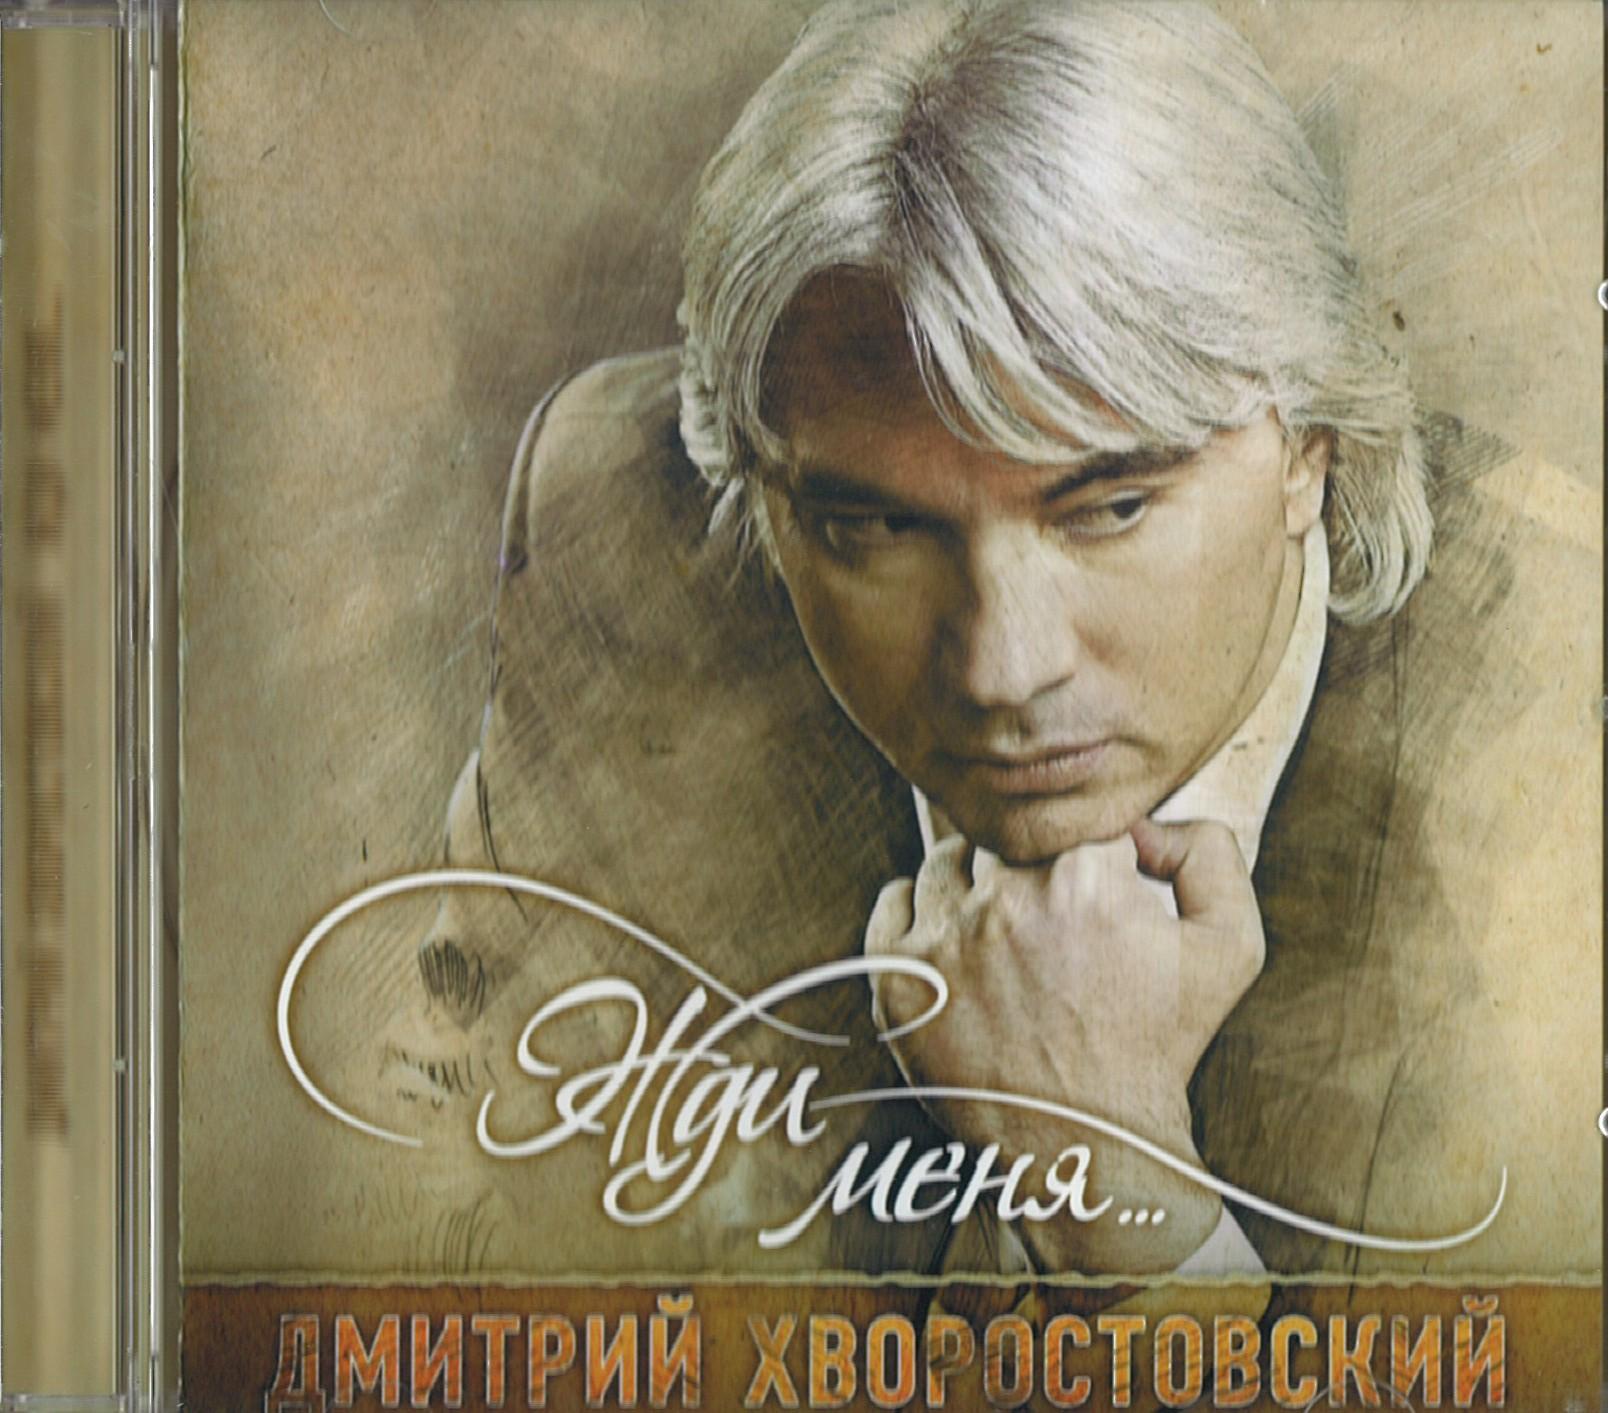 Dmitri Hvorostovsky. Zhdi Menja (Wait For Me)